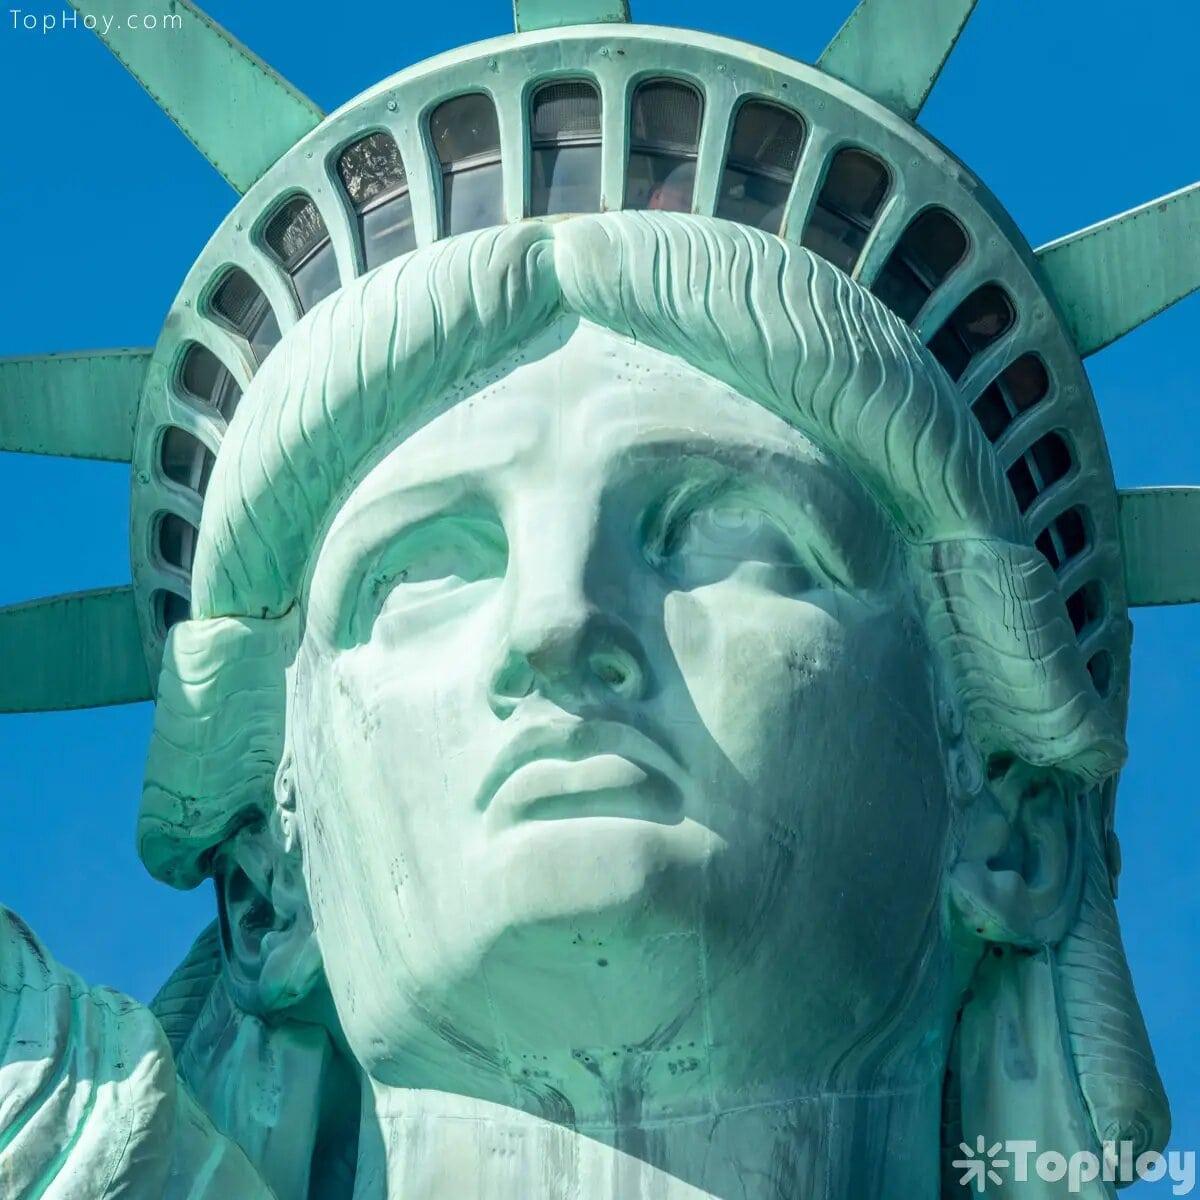 Hay 25 ventanas en la corona de la Estatua de la Libertad, que simbolizan las piedras preciosas que se encuentran en la tierra y los rayos del cielo que brilla sobre el mundo.